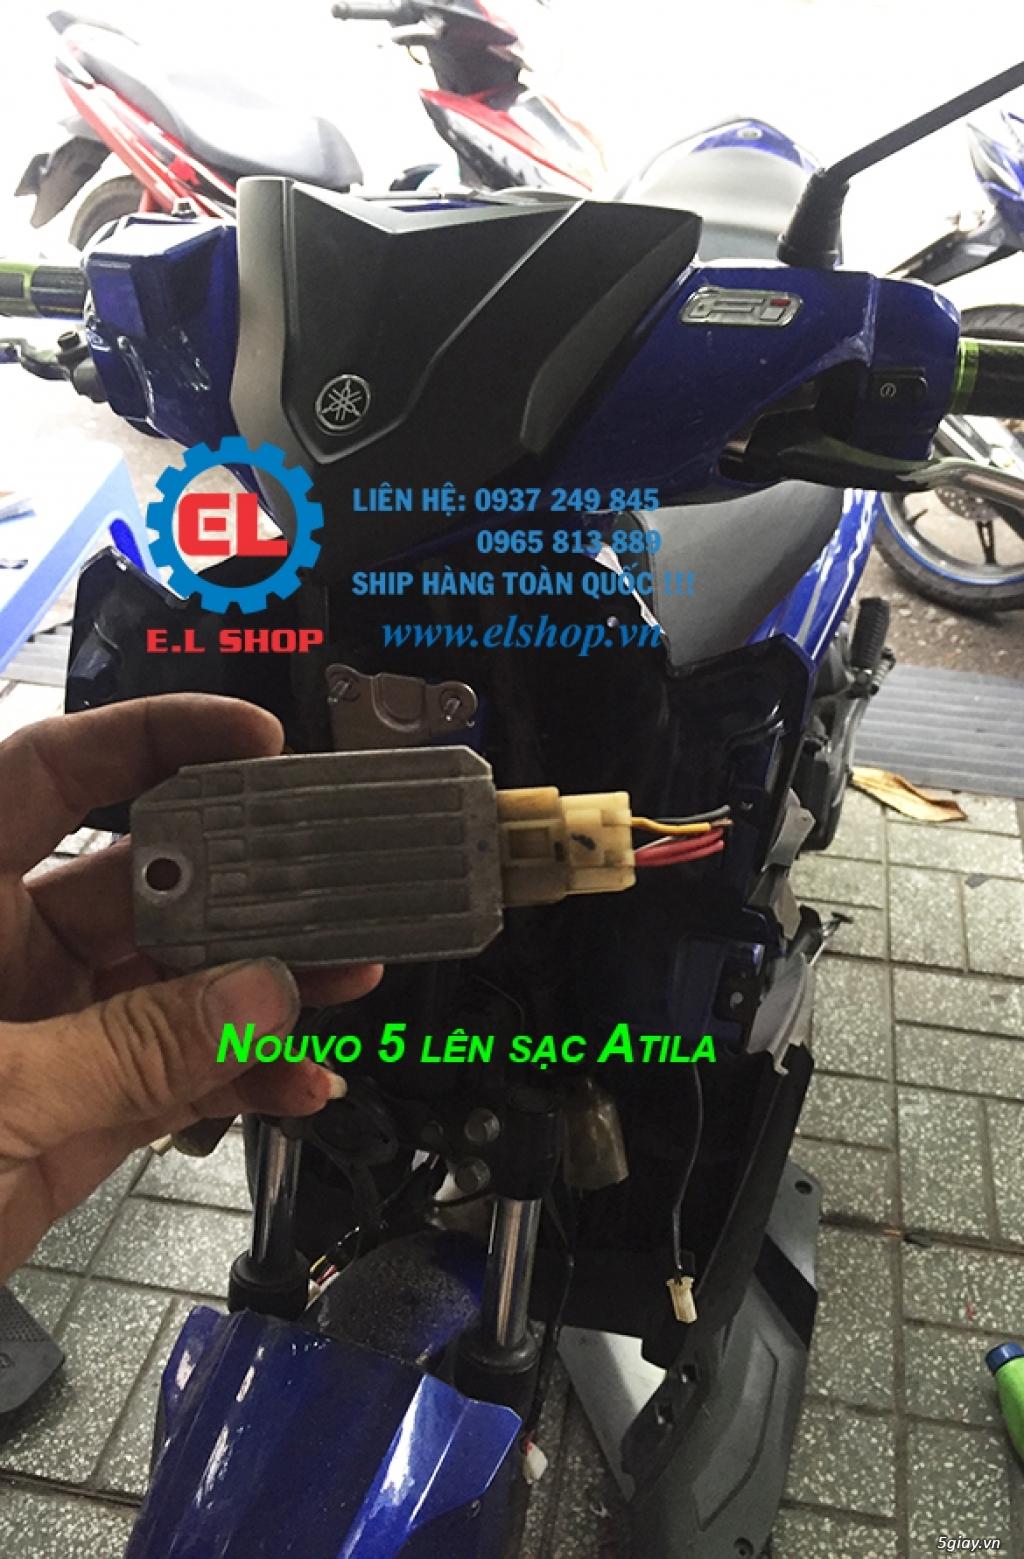 E.L SHOP Đèn led siêu sáng xe mô tô: XHP50, XHP70 i7, Cree, Philips Lumiled,Gương cầu LED xe gắn máy - 18